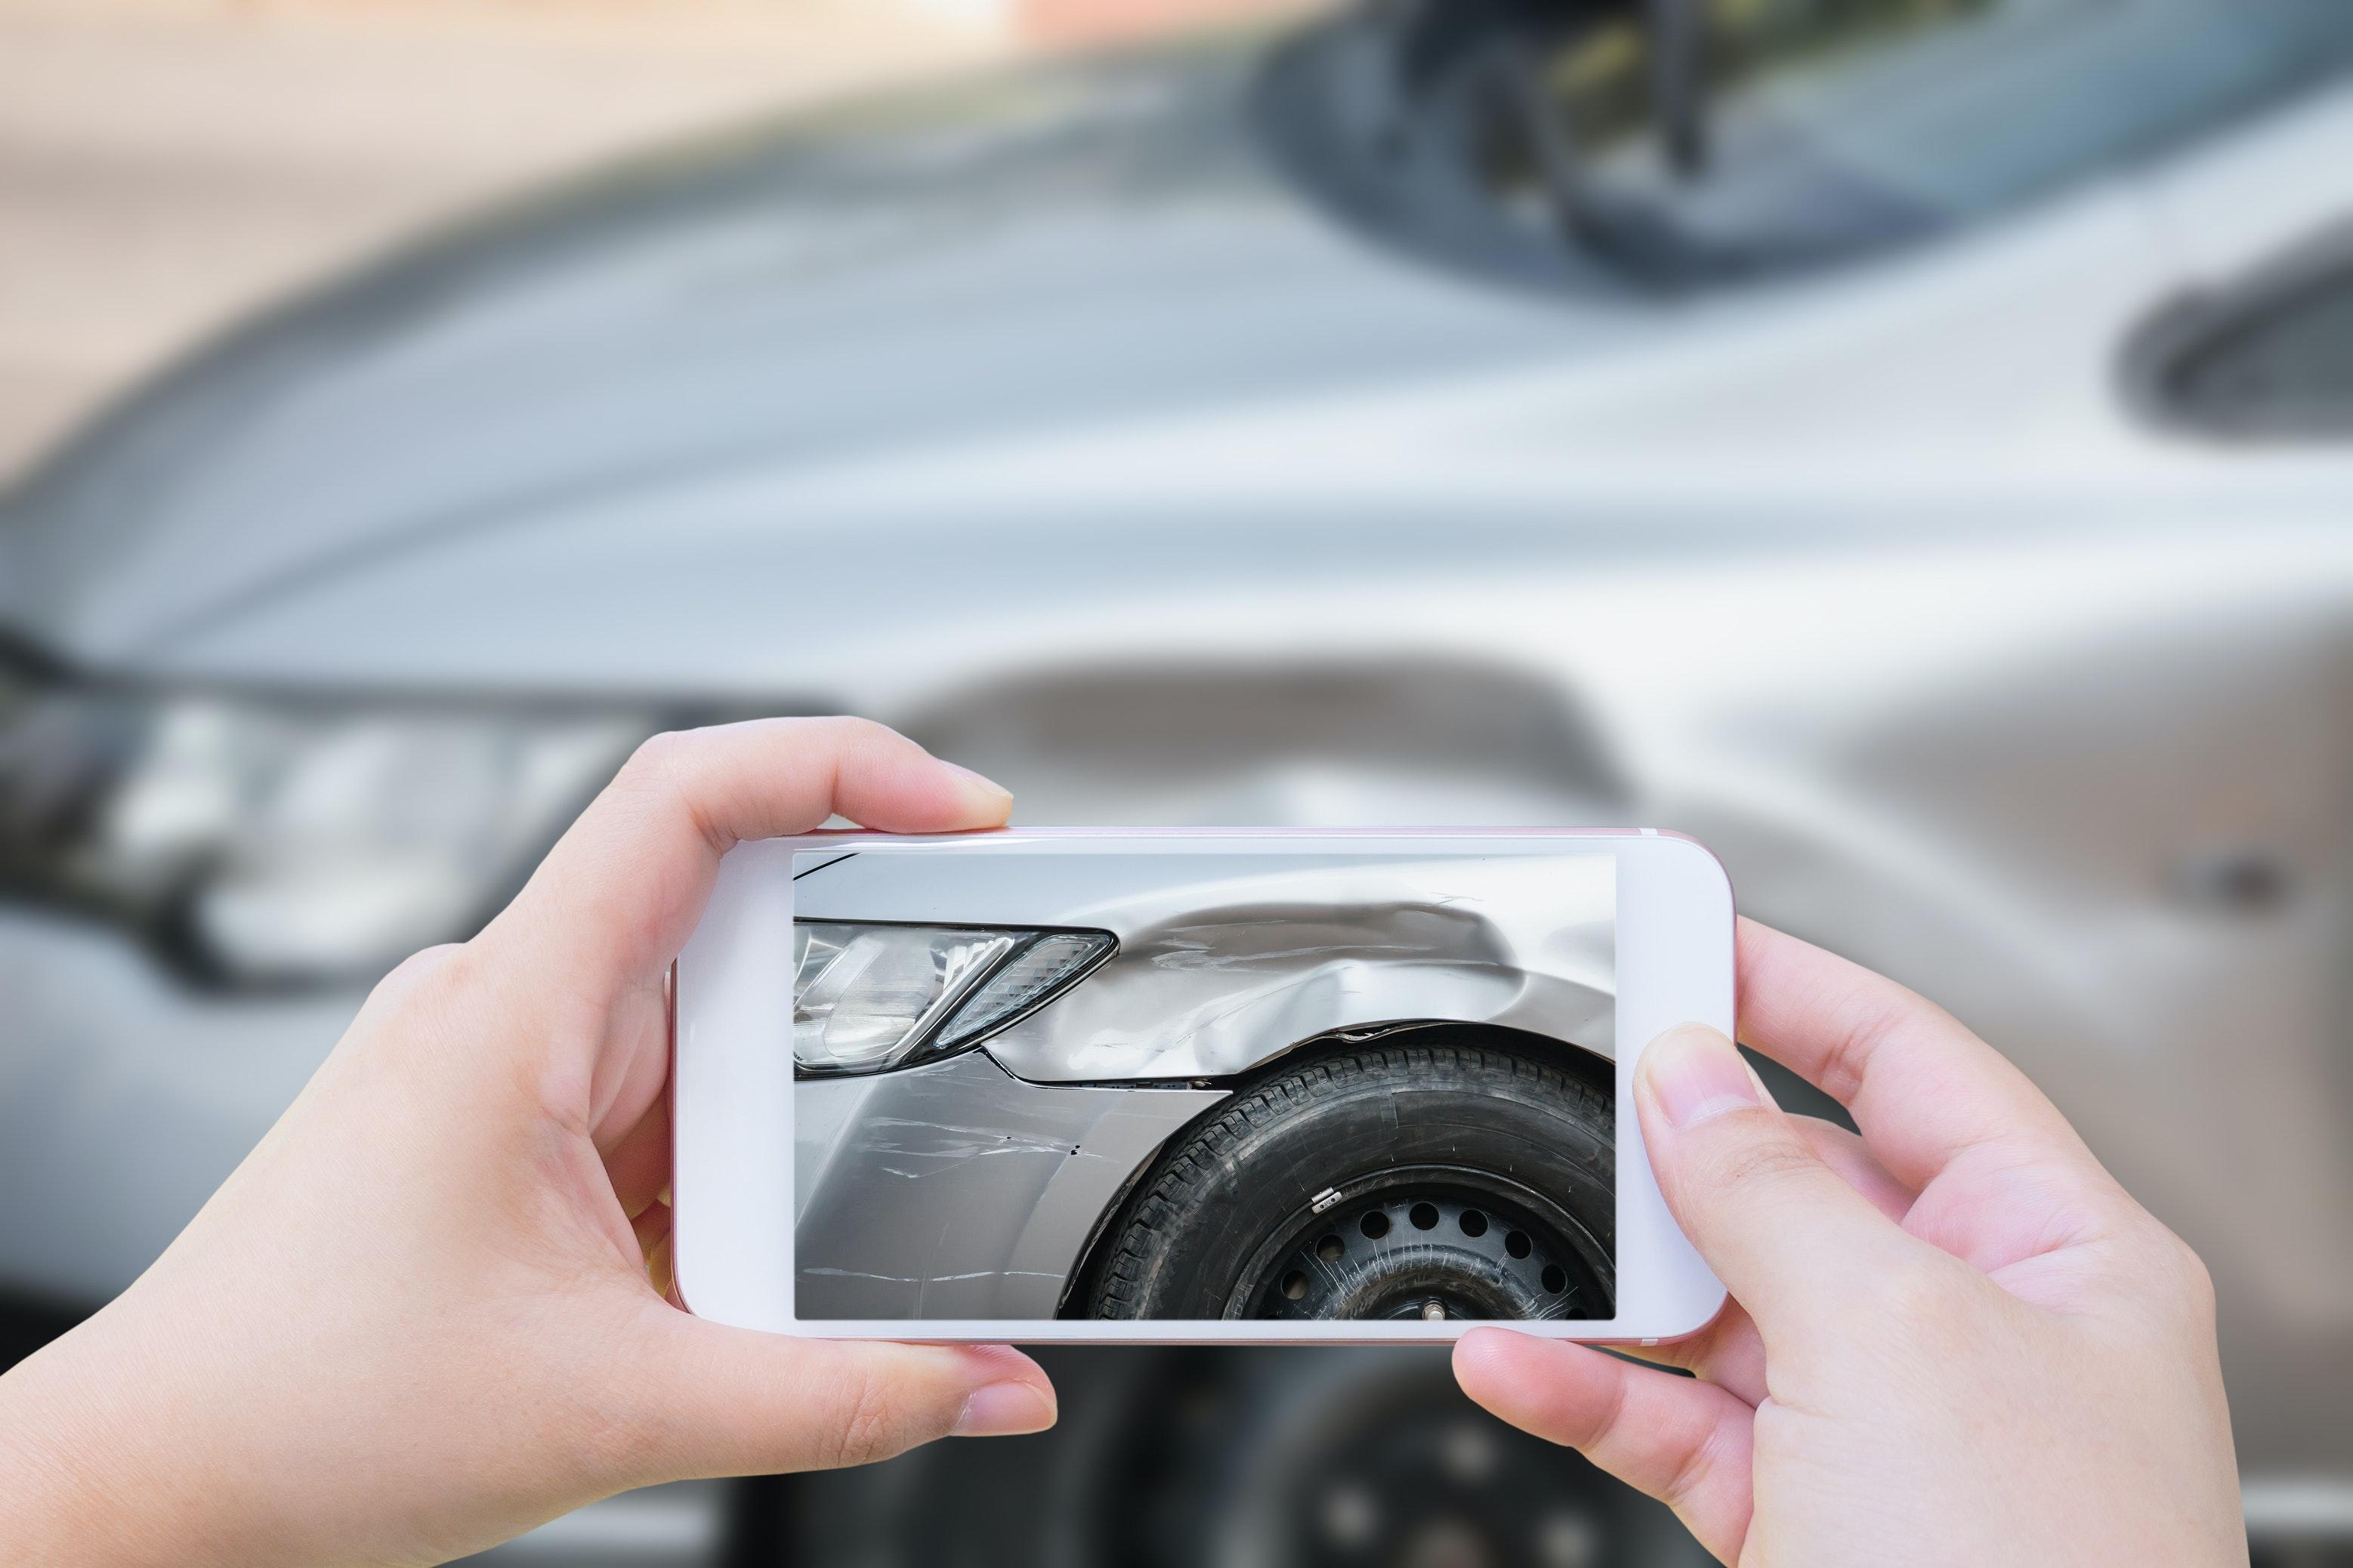 En cas d'accident en chaîne ou carambolage, prenez des photos des véhicules et de leur plaque d'immatriculation.